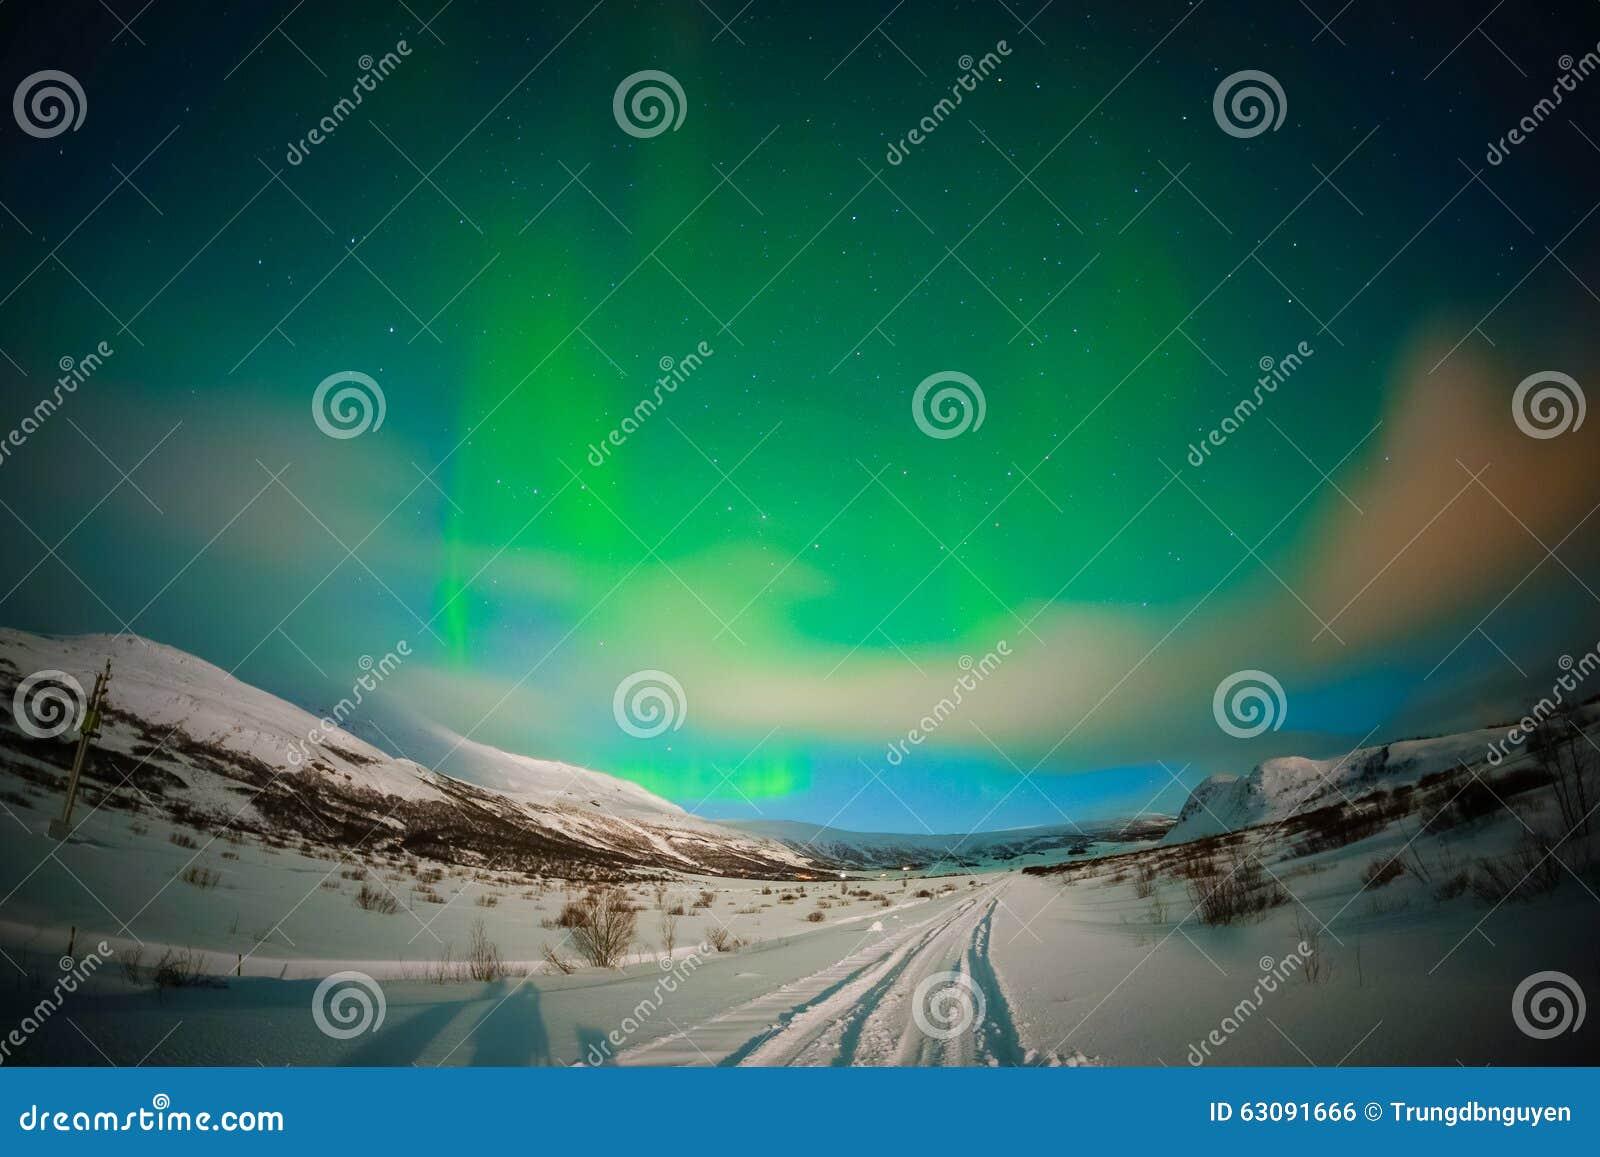 Download L'aurore en Islande photo stock. Image du foncé, haut - 63091666